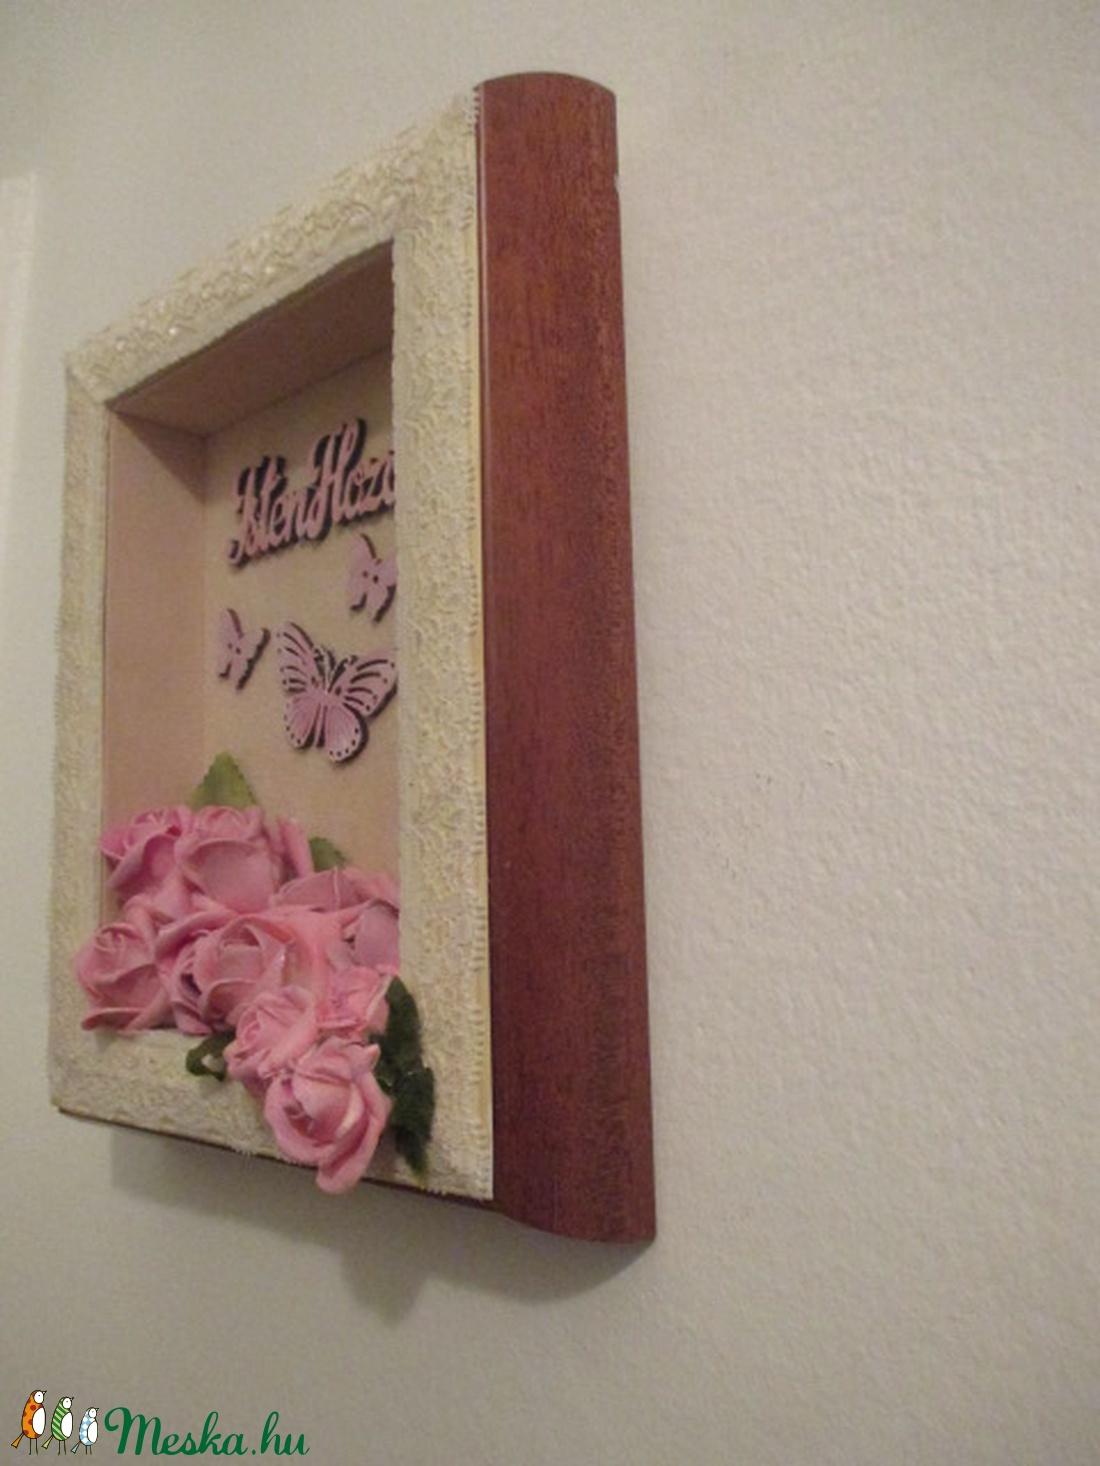 Isten hozott Vintage üdvözlő falidísz. - otthon & lakás - dekoráció - képkeret - Meska.hu